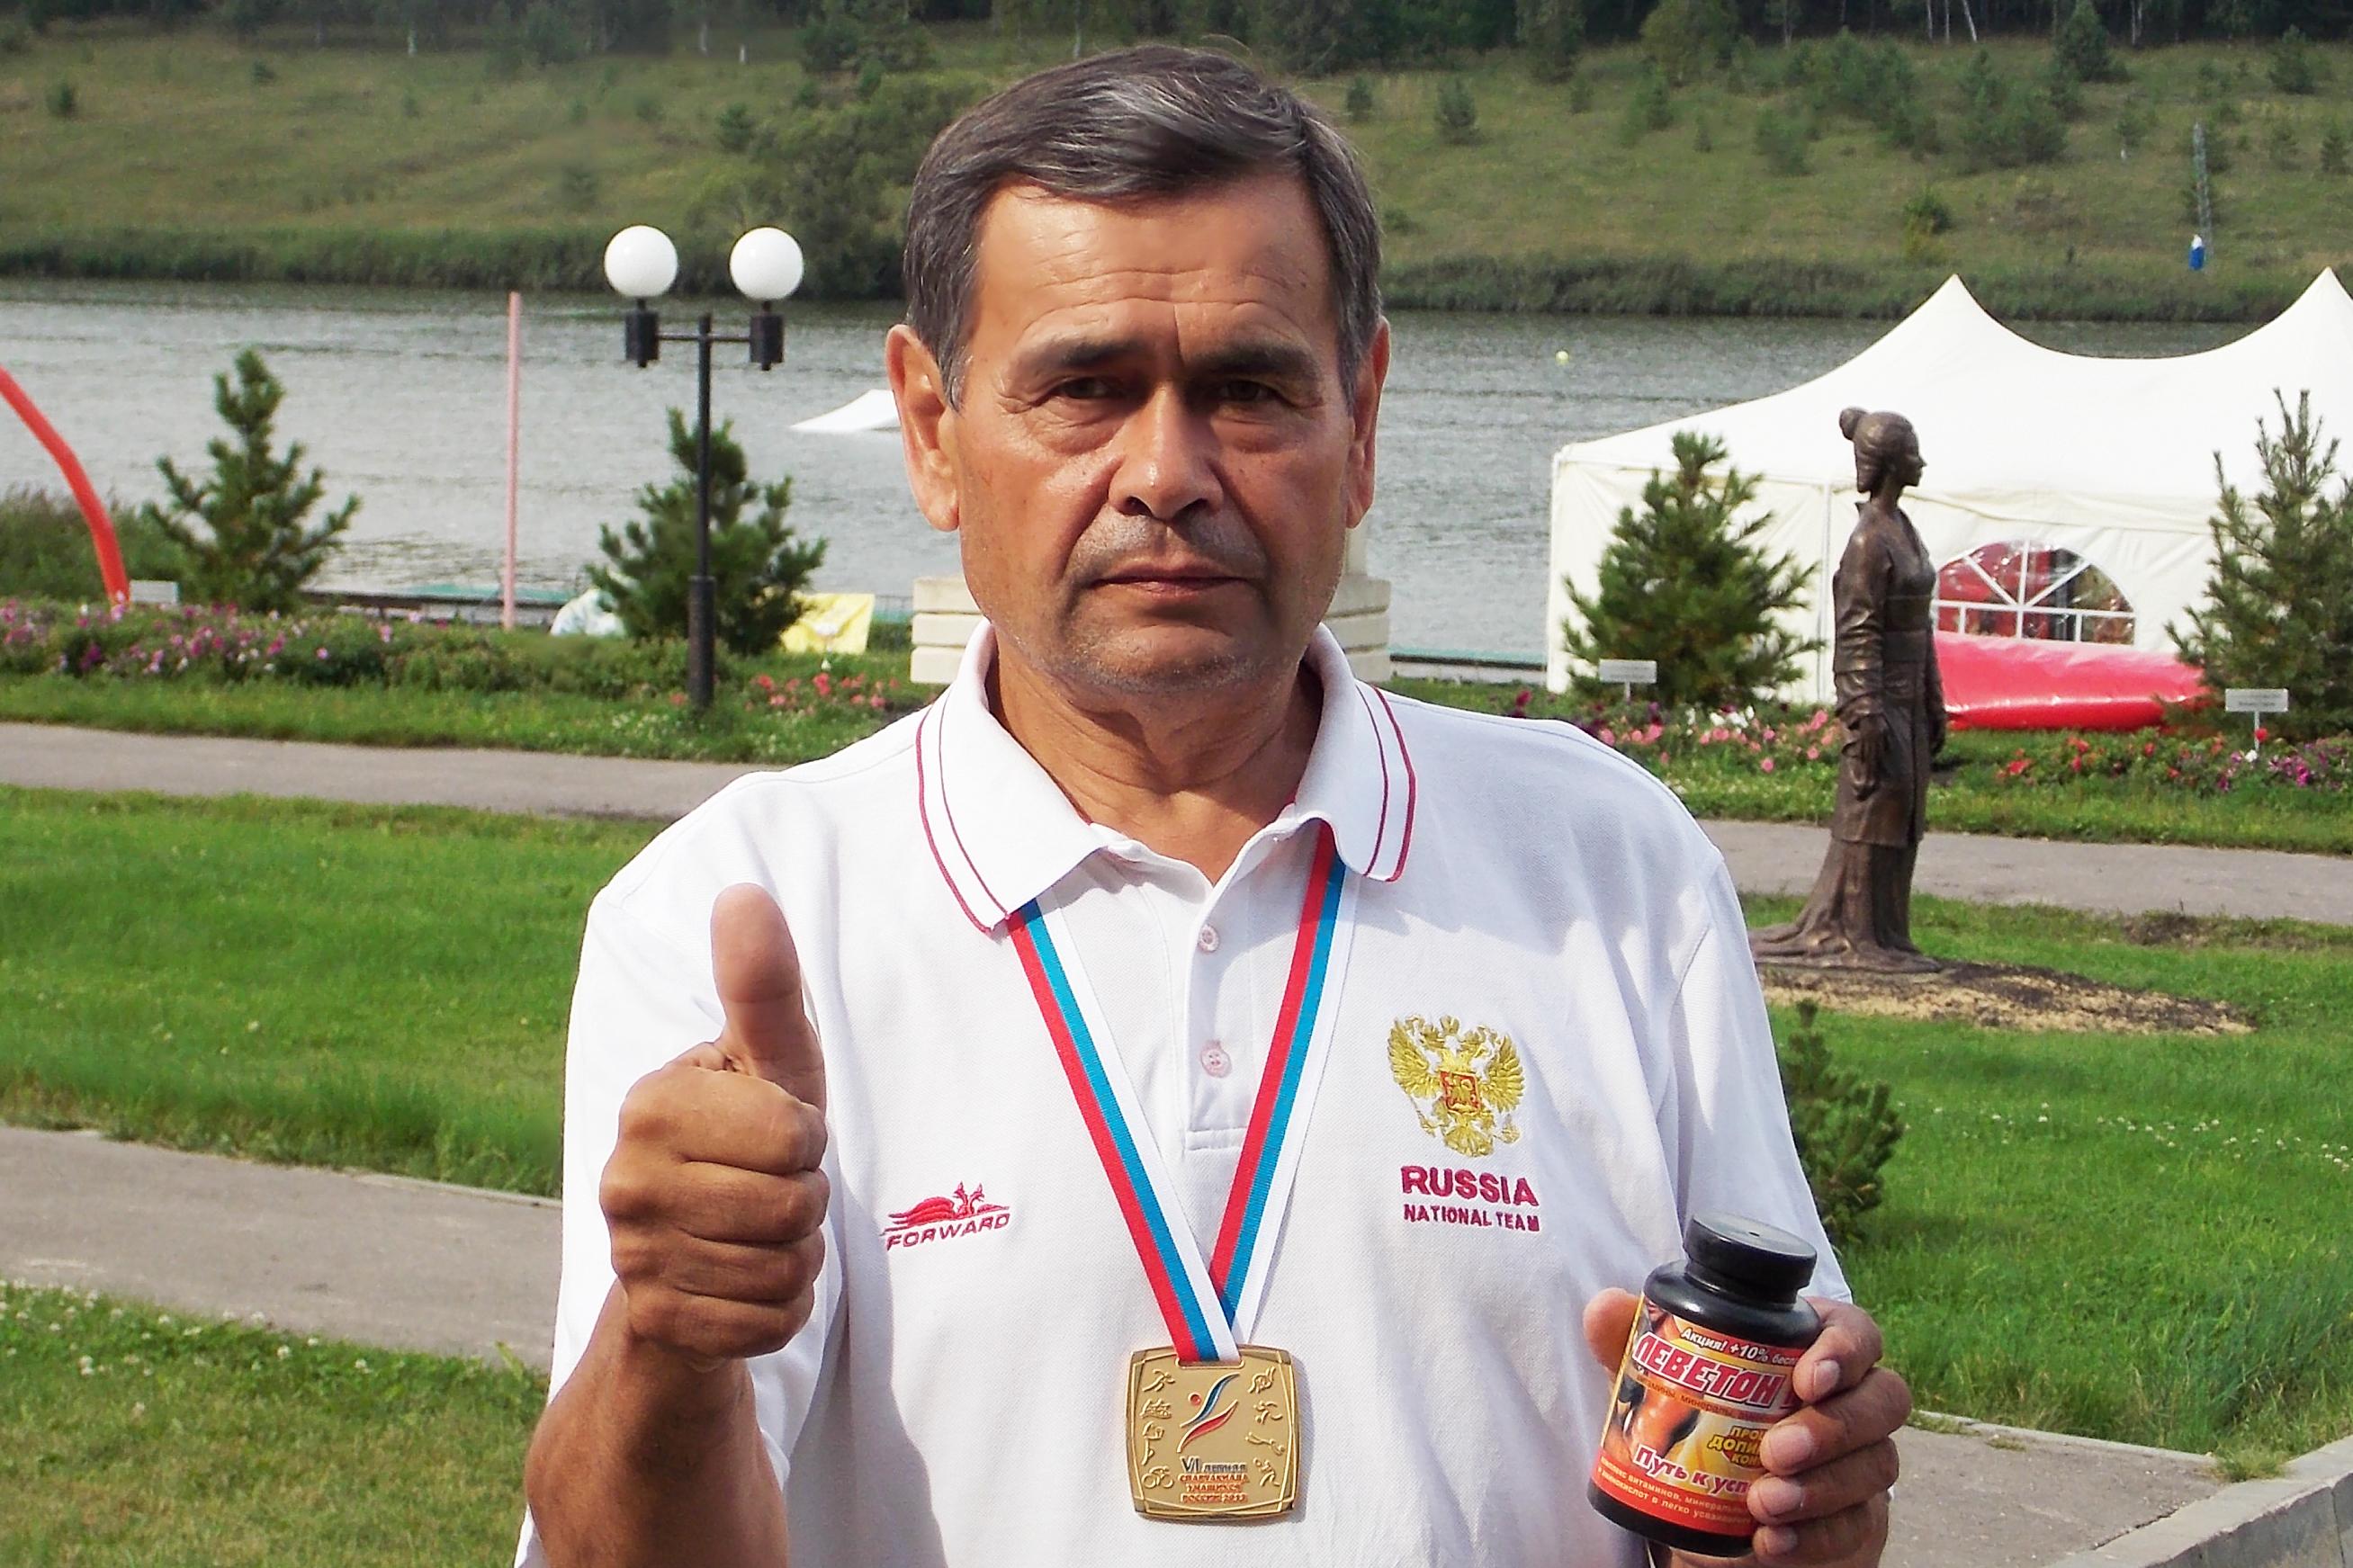 Дмитриев Вячеслав триатлон Чебоксары